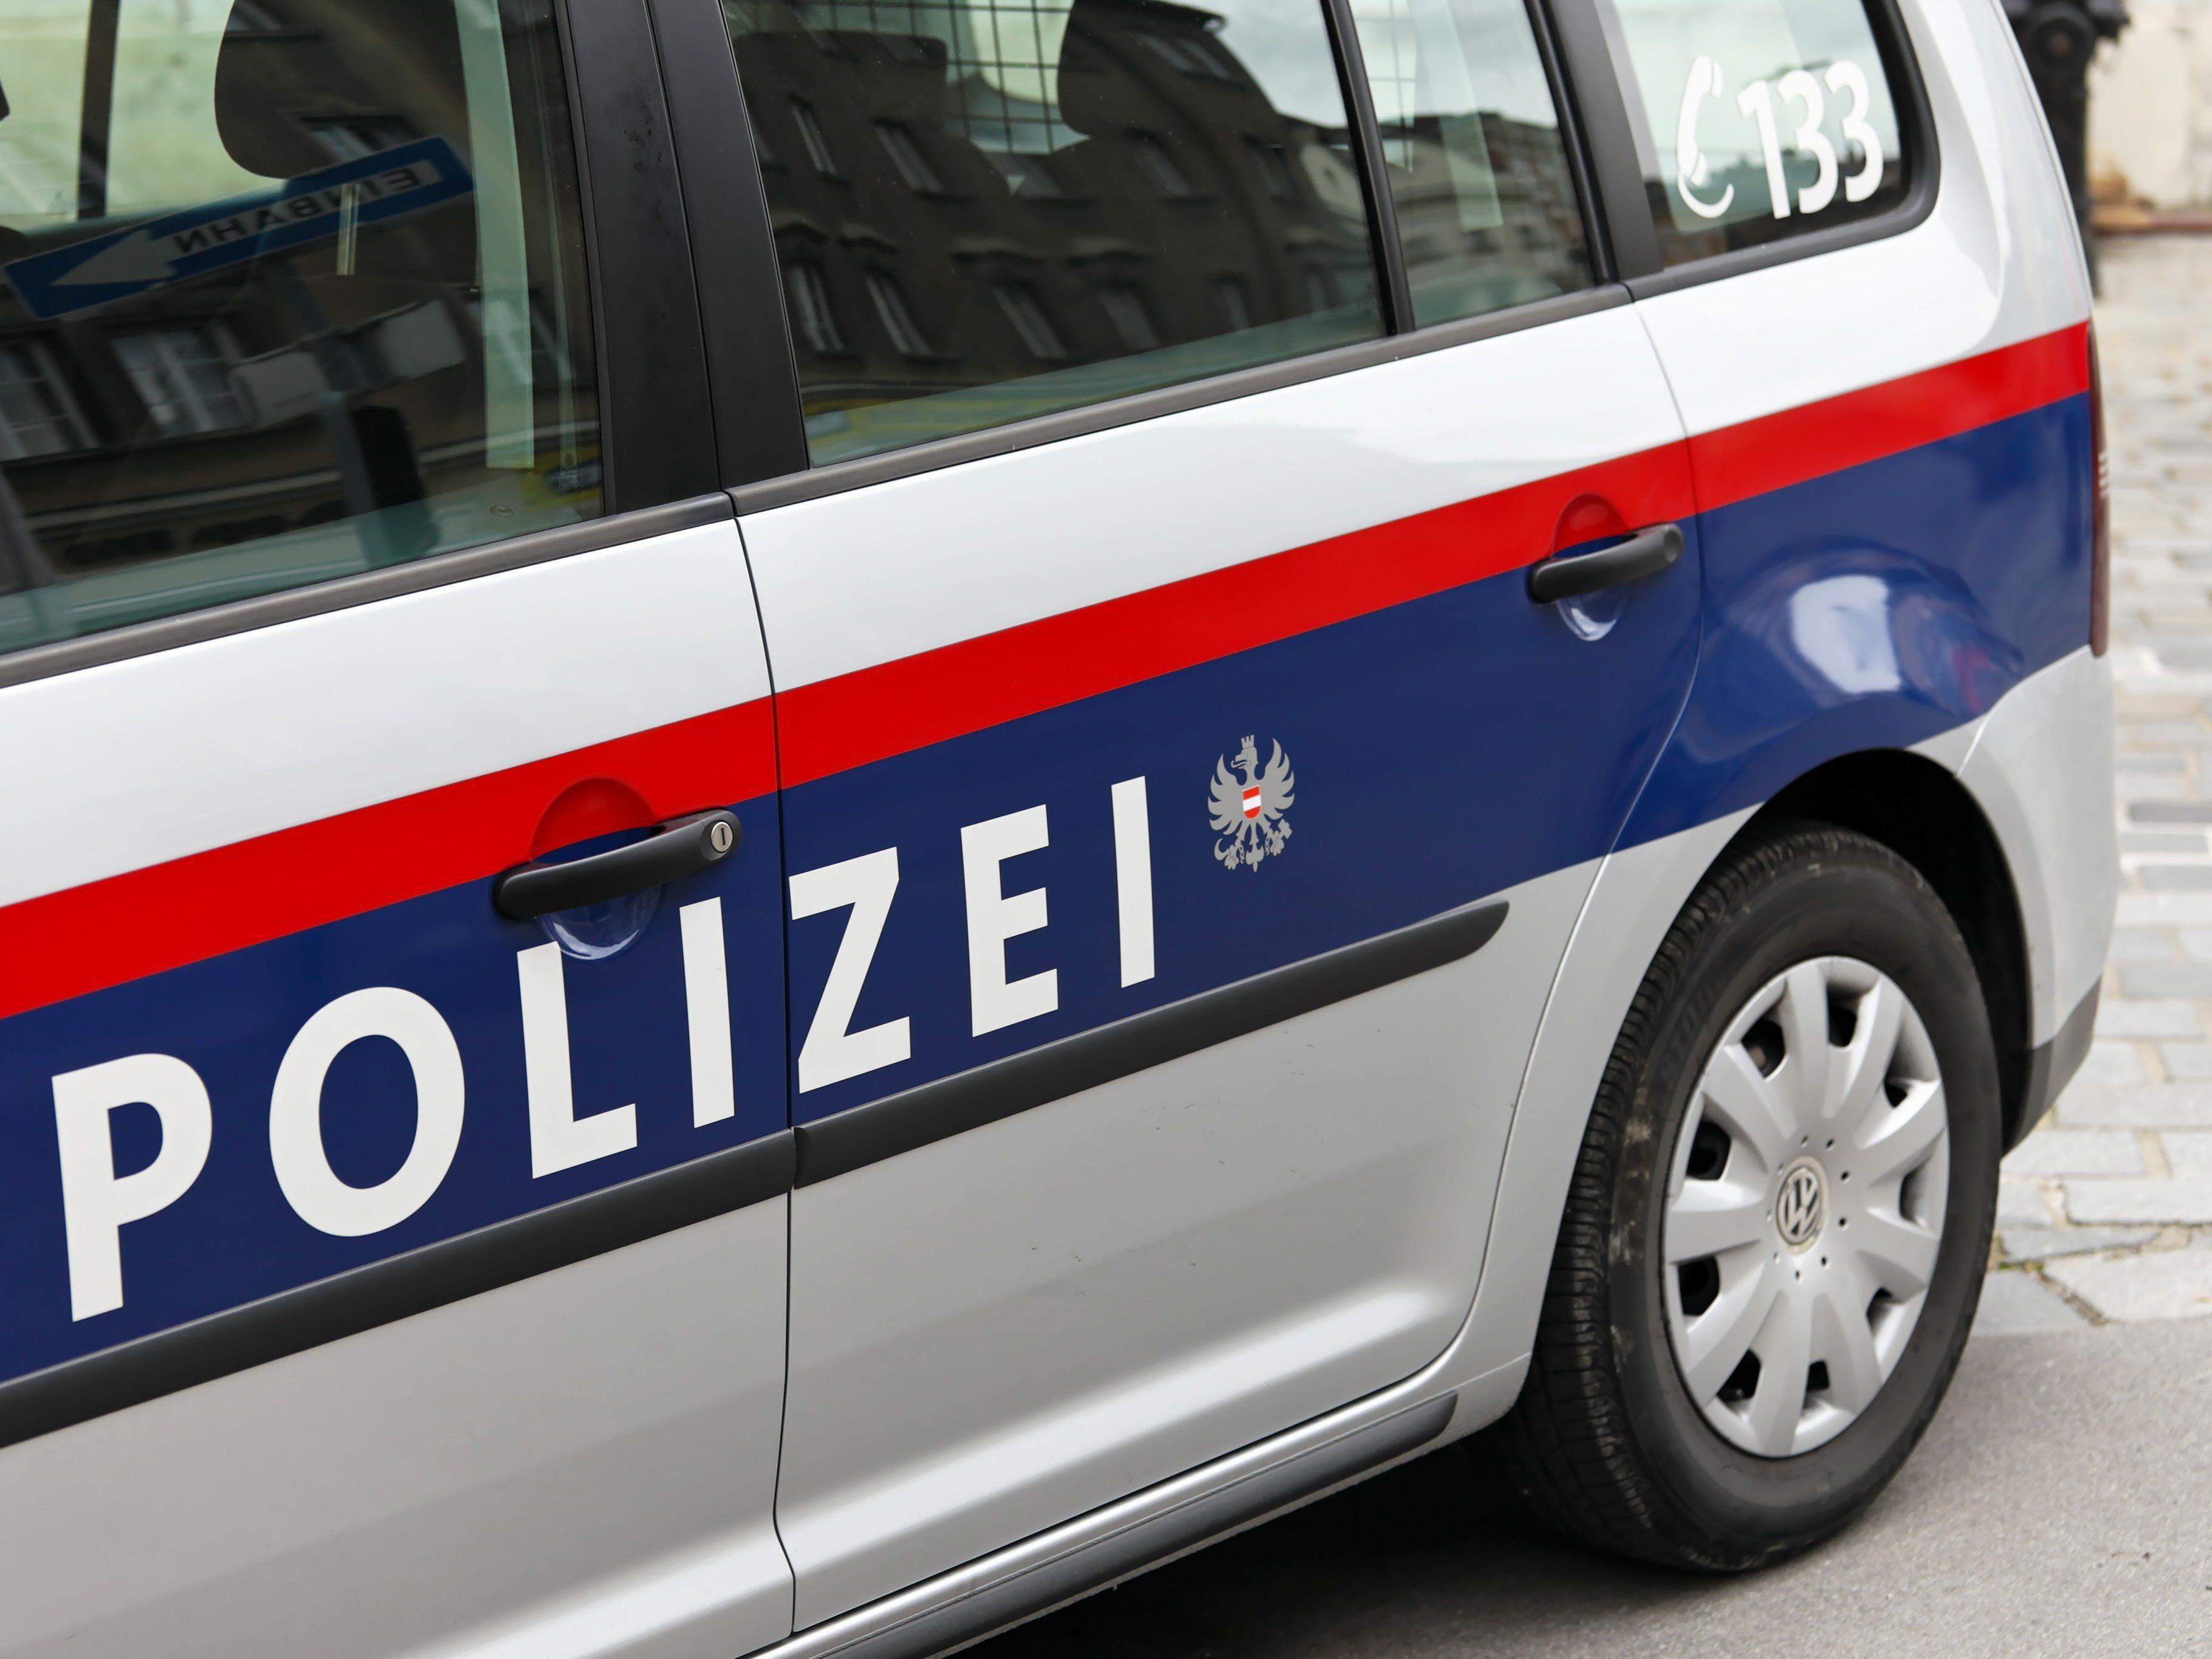 Polizei ersucht um Mithilfe.